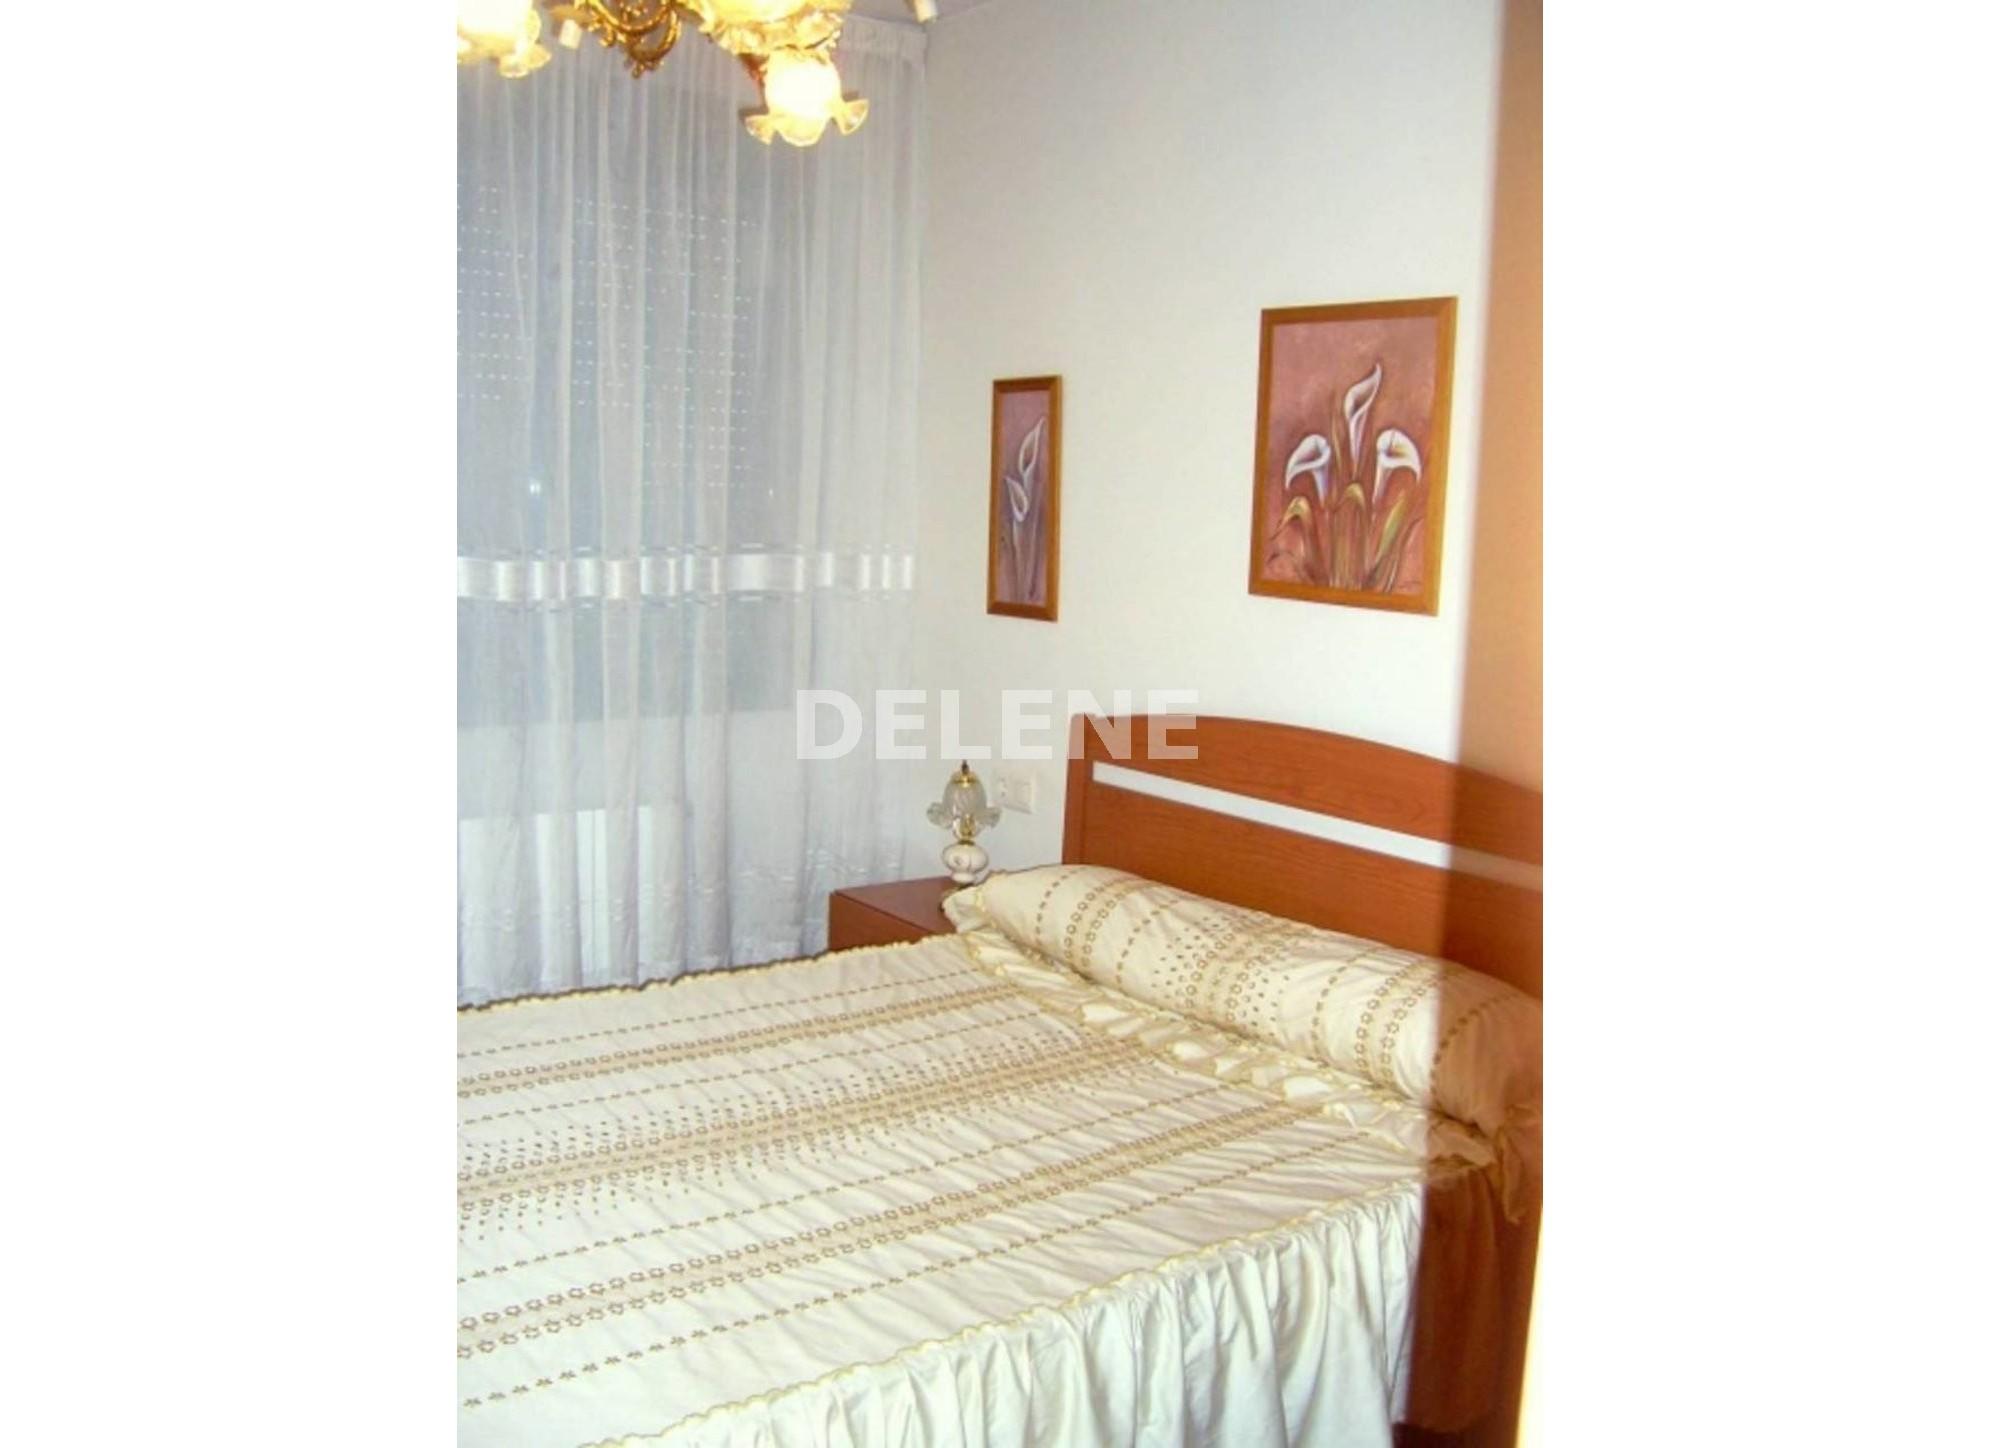 379 APARTAMENTO CON GARAJE Y TRASTERO, HOSPITAL